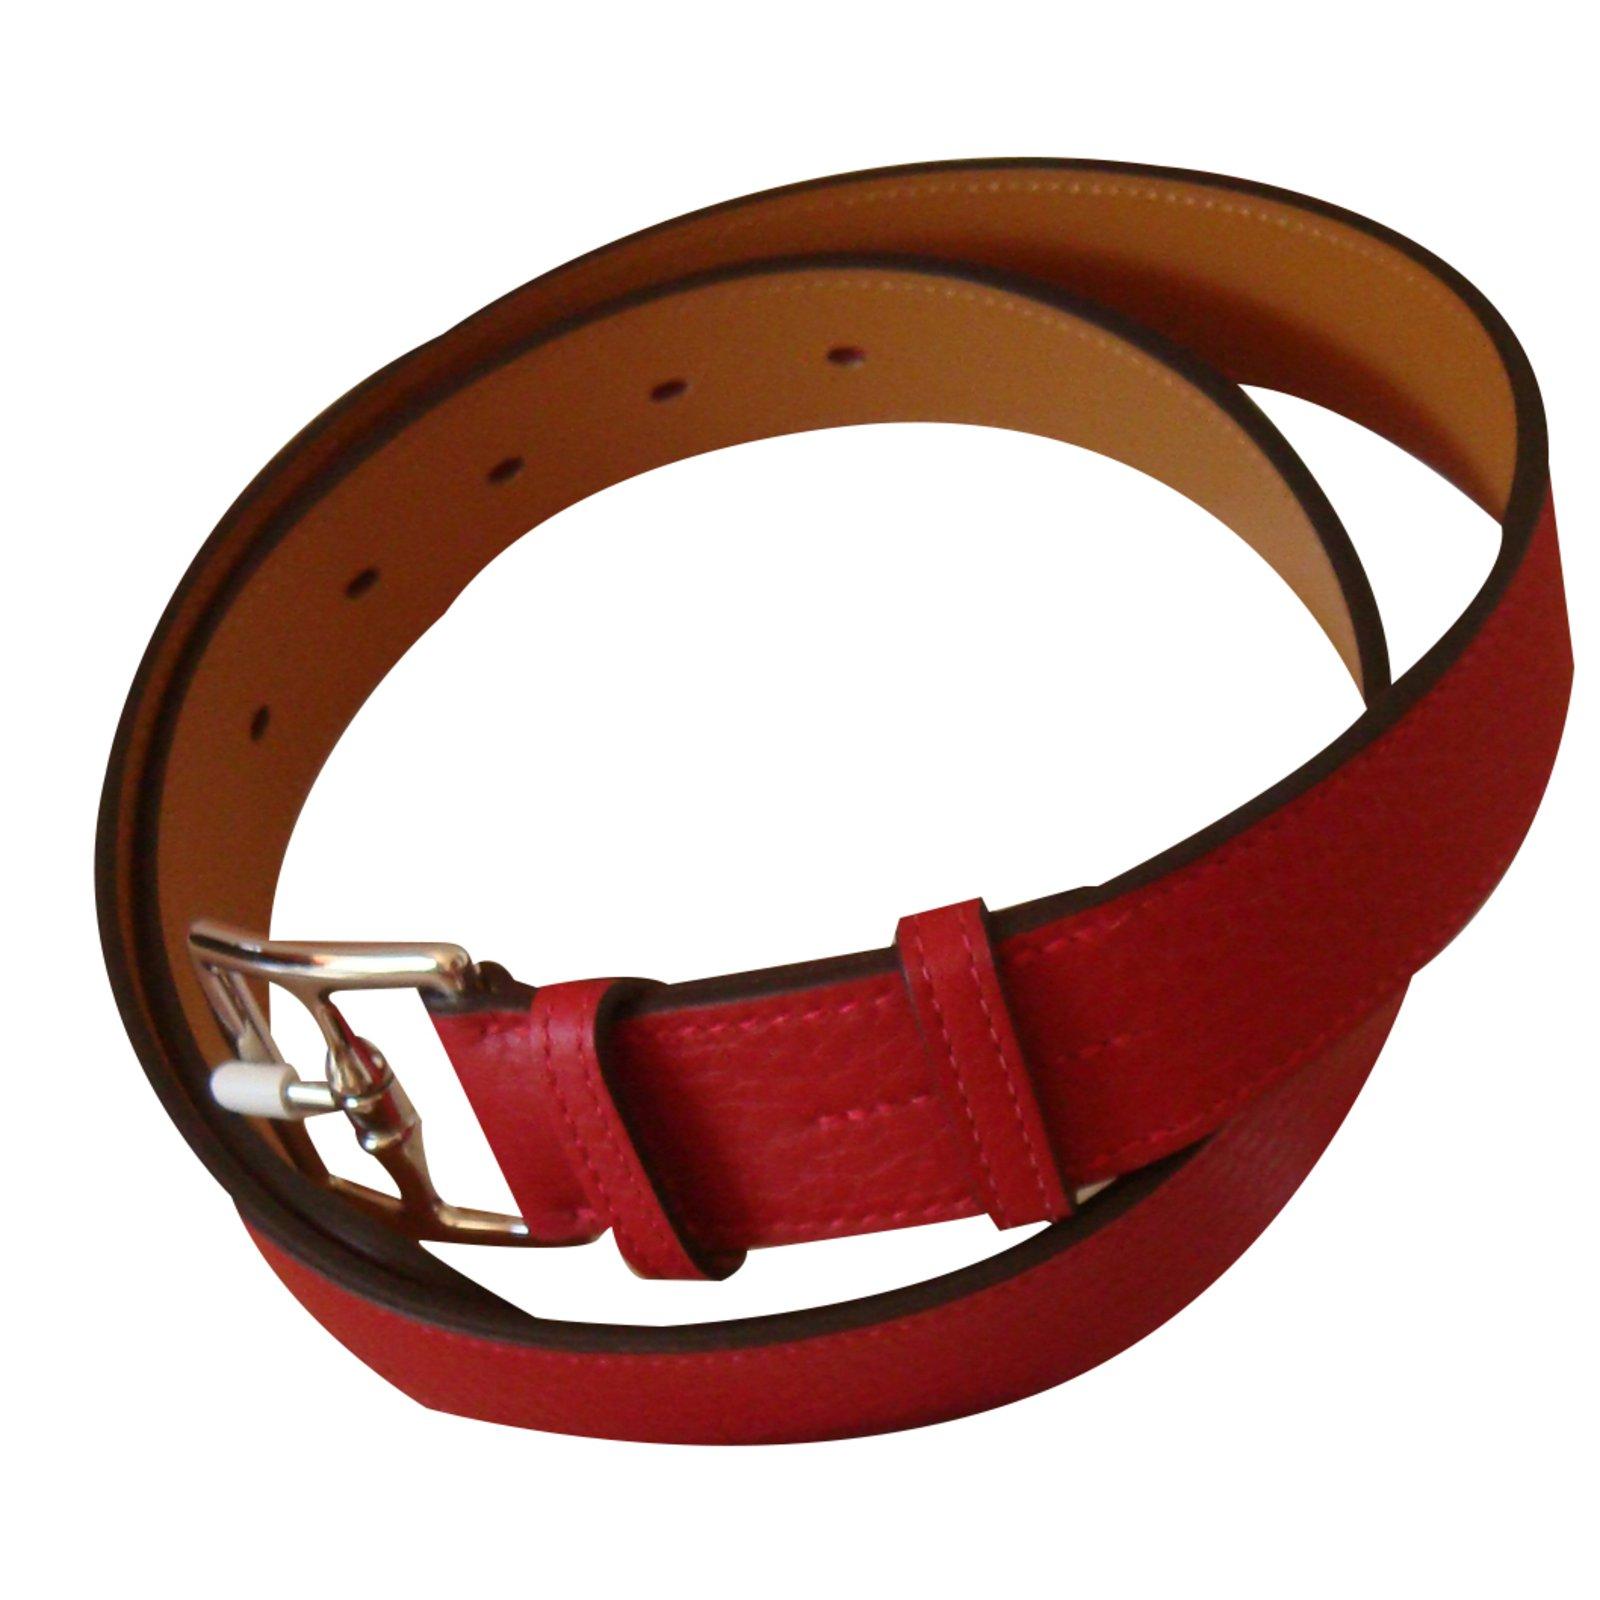 7a0dd6d0216d Ceintures Hermès Etrivière Cuir Rouge ref.23180 - Joli Closet